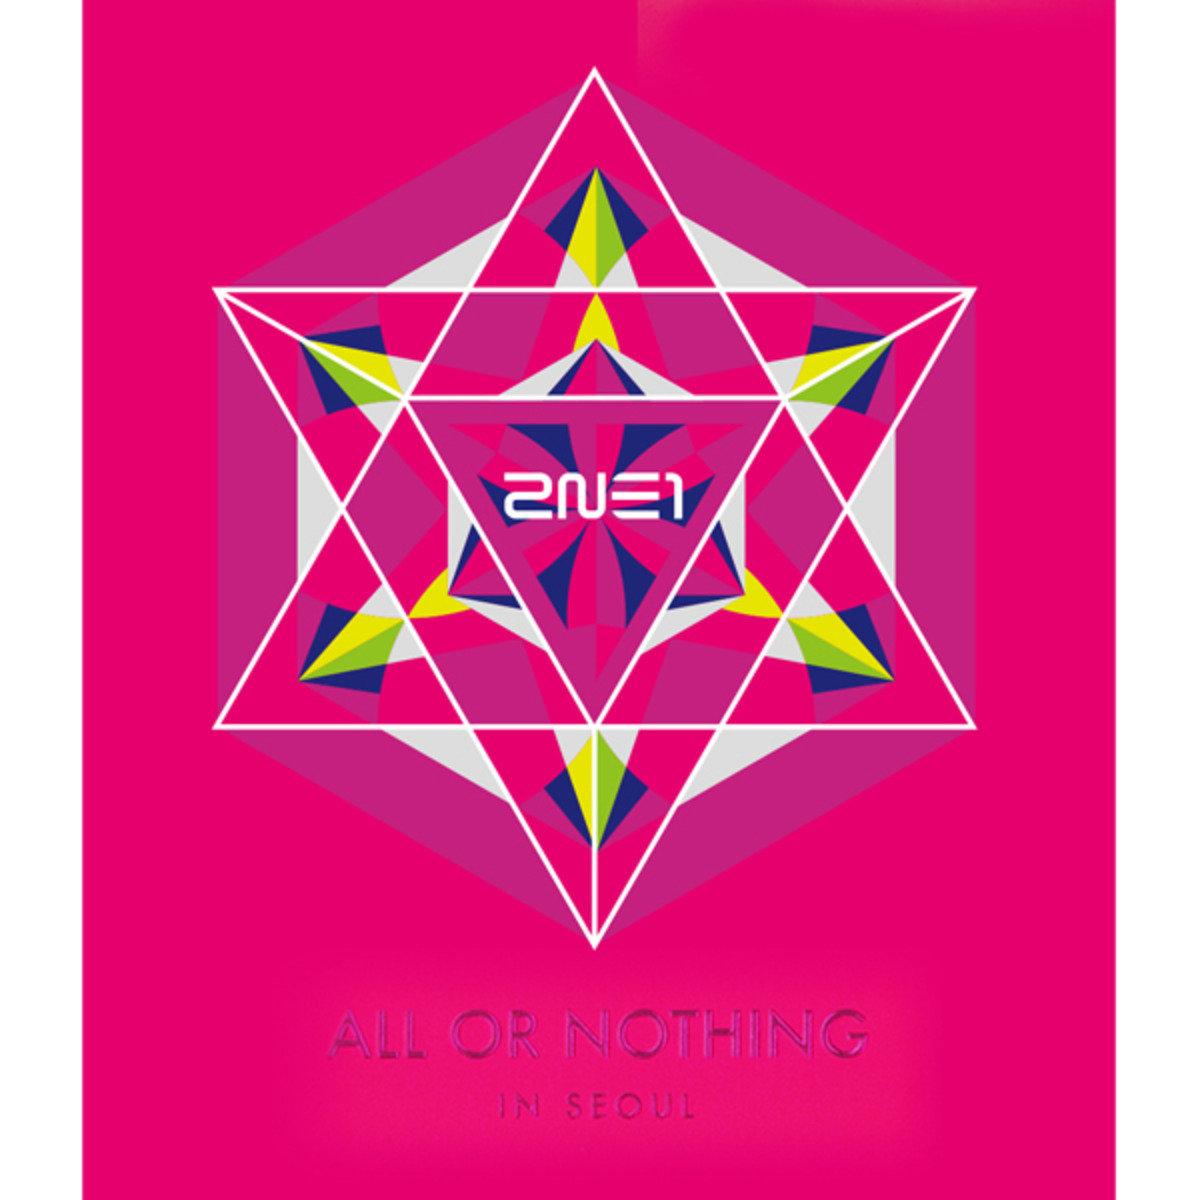 2NE1 - 2014 2NE1 WORLD TOUR LIVE CD [ALL OR NOTHING in SEOUL]_8809269503183